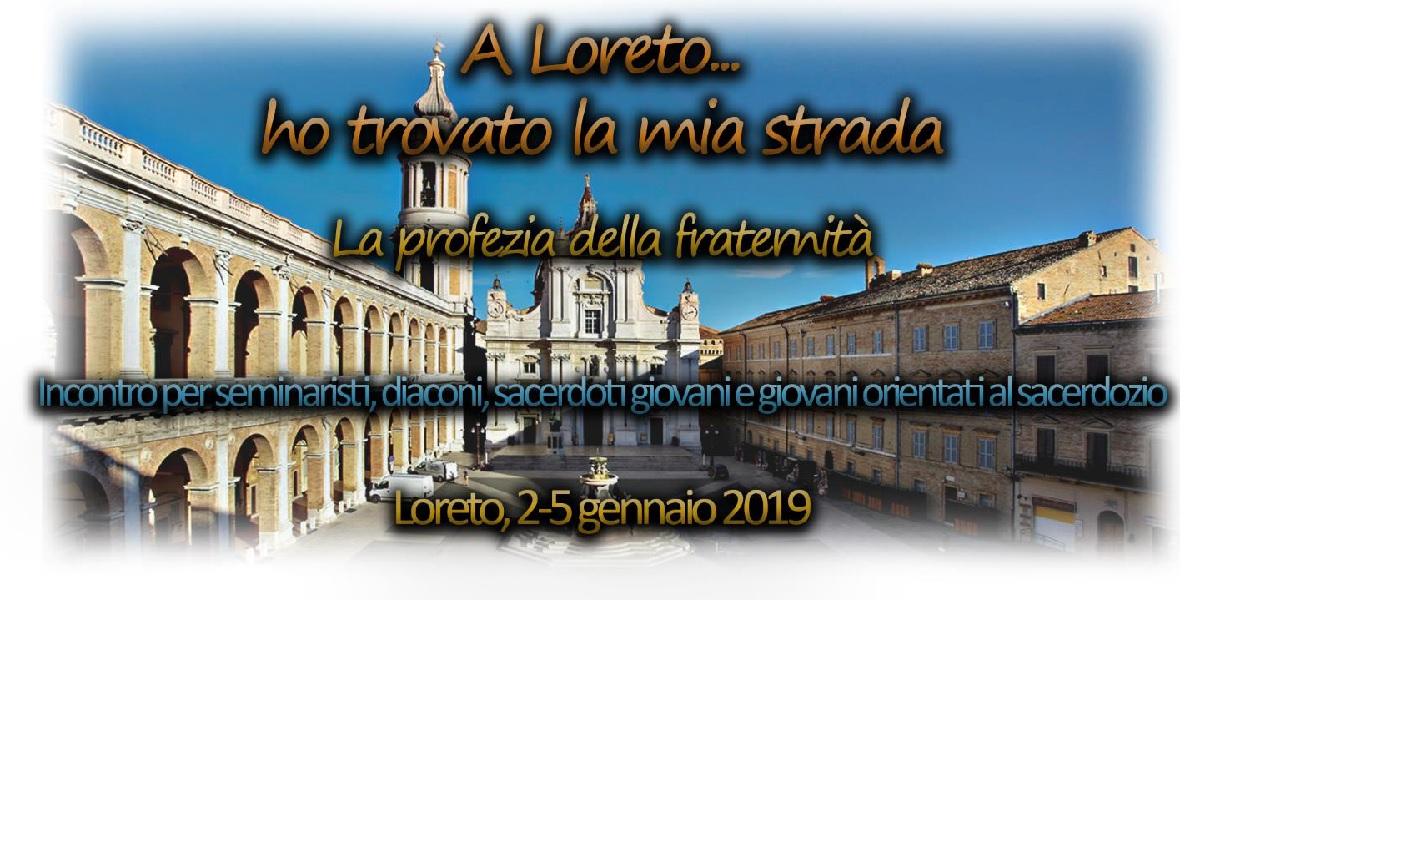 Loreto slide